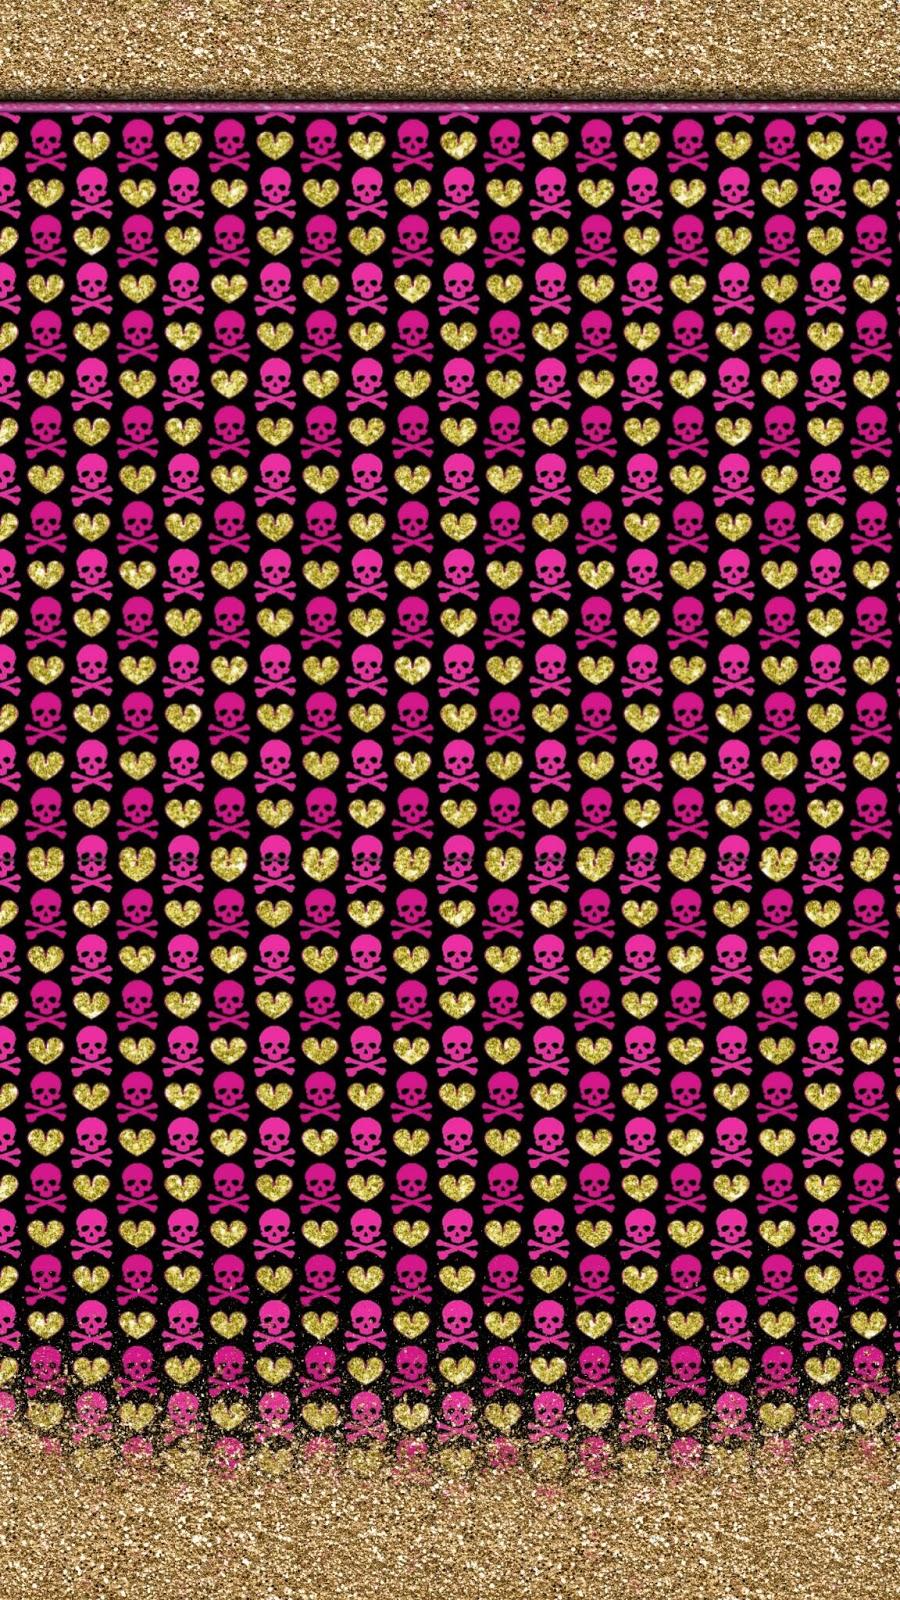 BlinginAndroid-AGE-wallpaper-wp5204720